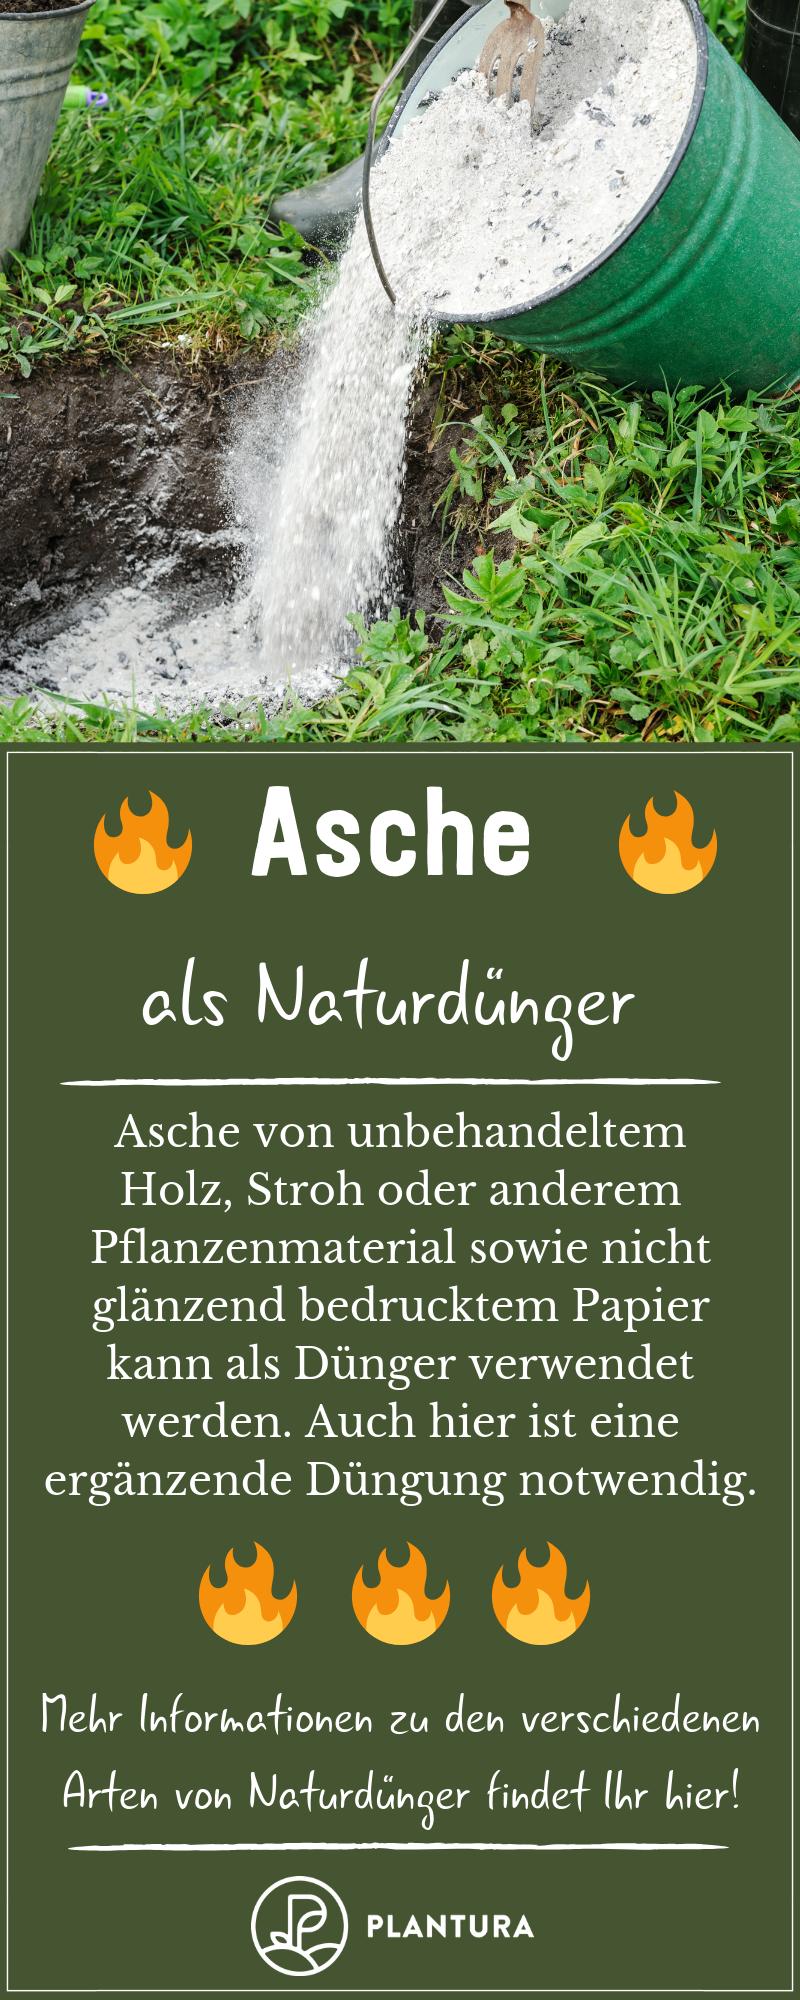 Naturdunger Anwendung Vorteile Von Naturlichem Dunger Plantura Dunger Fur Pflanzen Pflanzen Garten Pflanzen